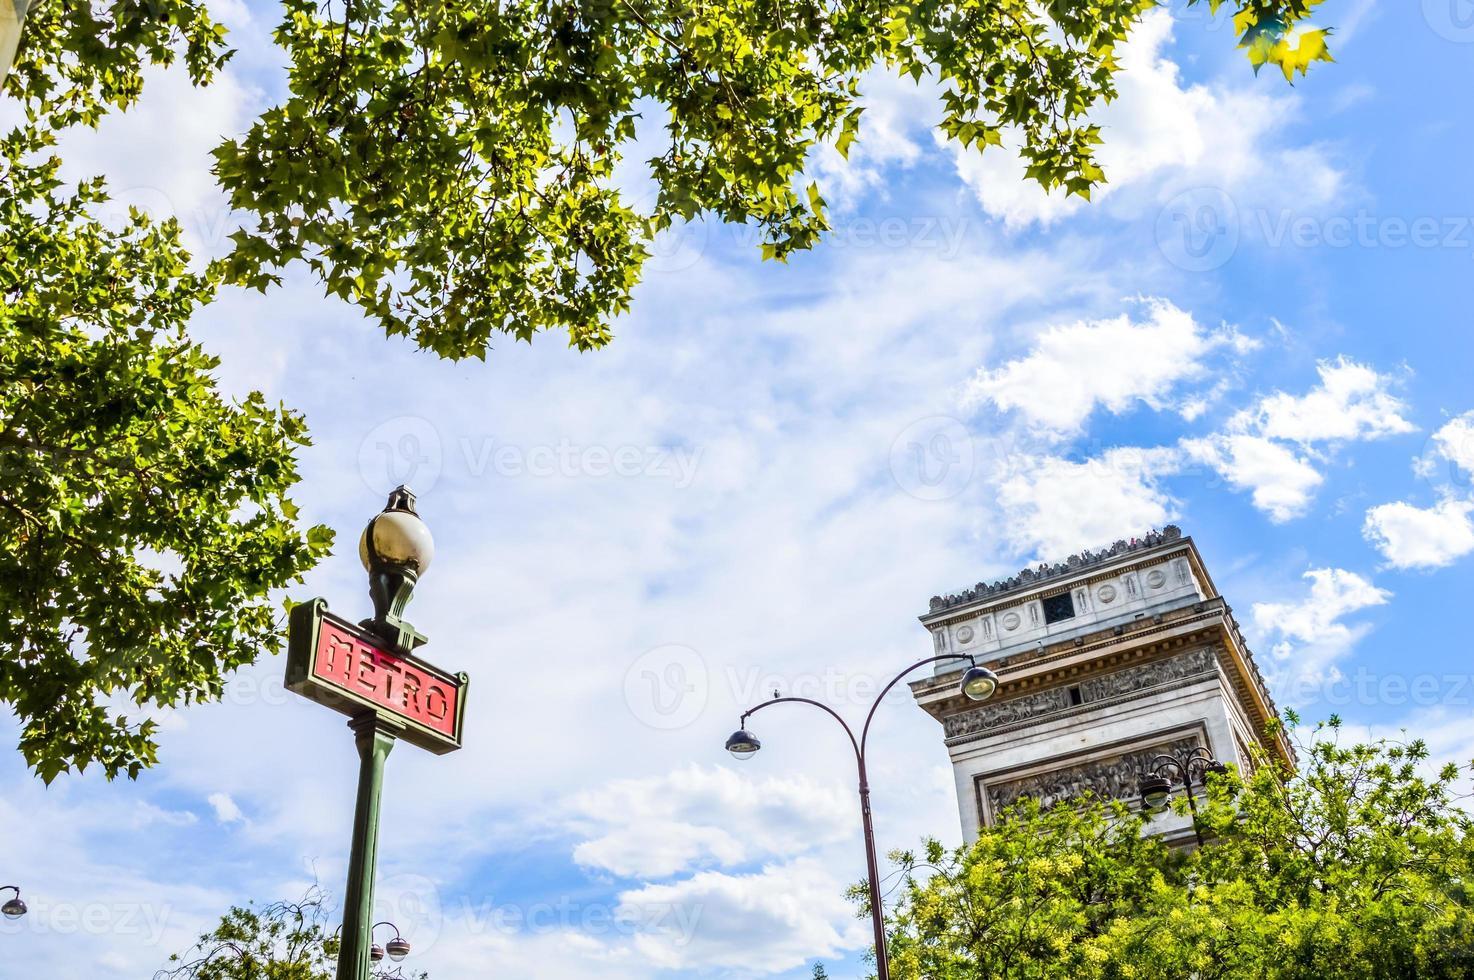 sinal de metrô em paris no monumento do arco do triunfo foto